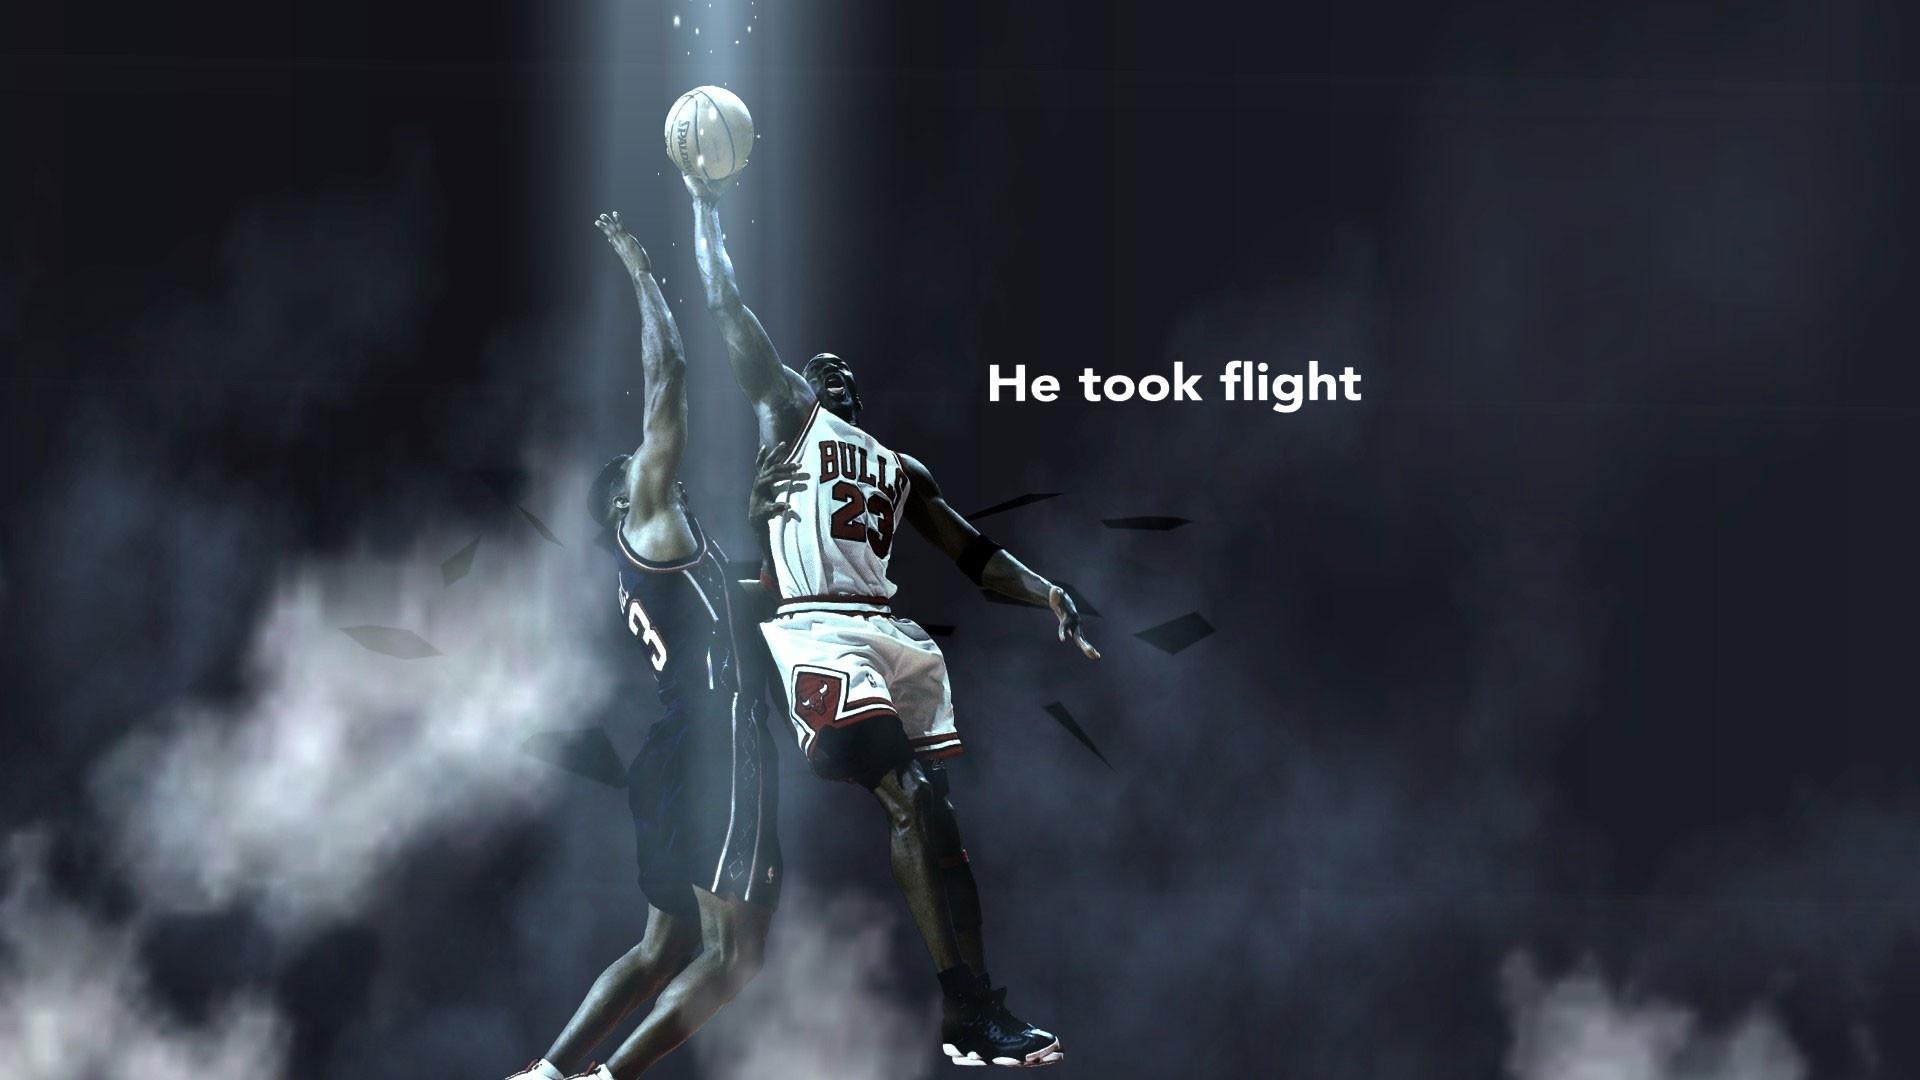 Michael Jordan best picture